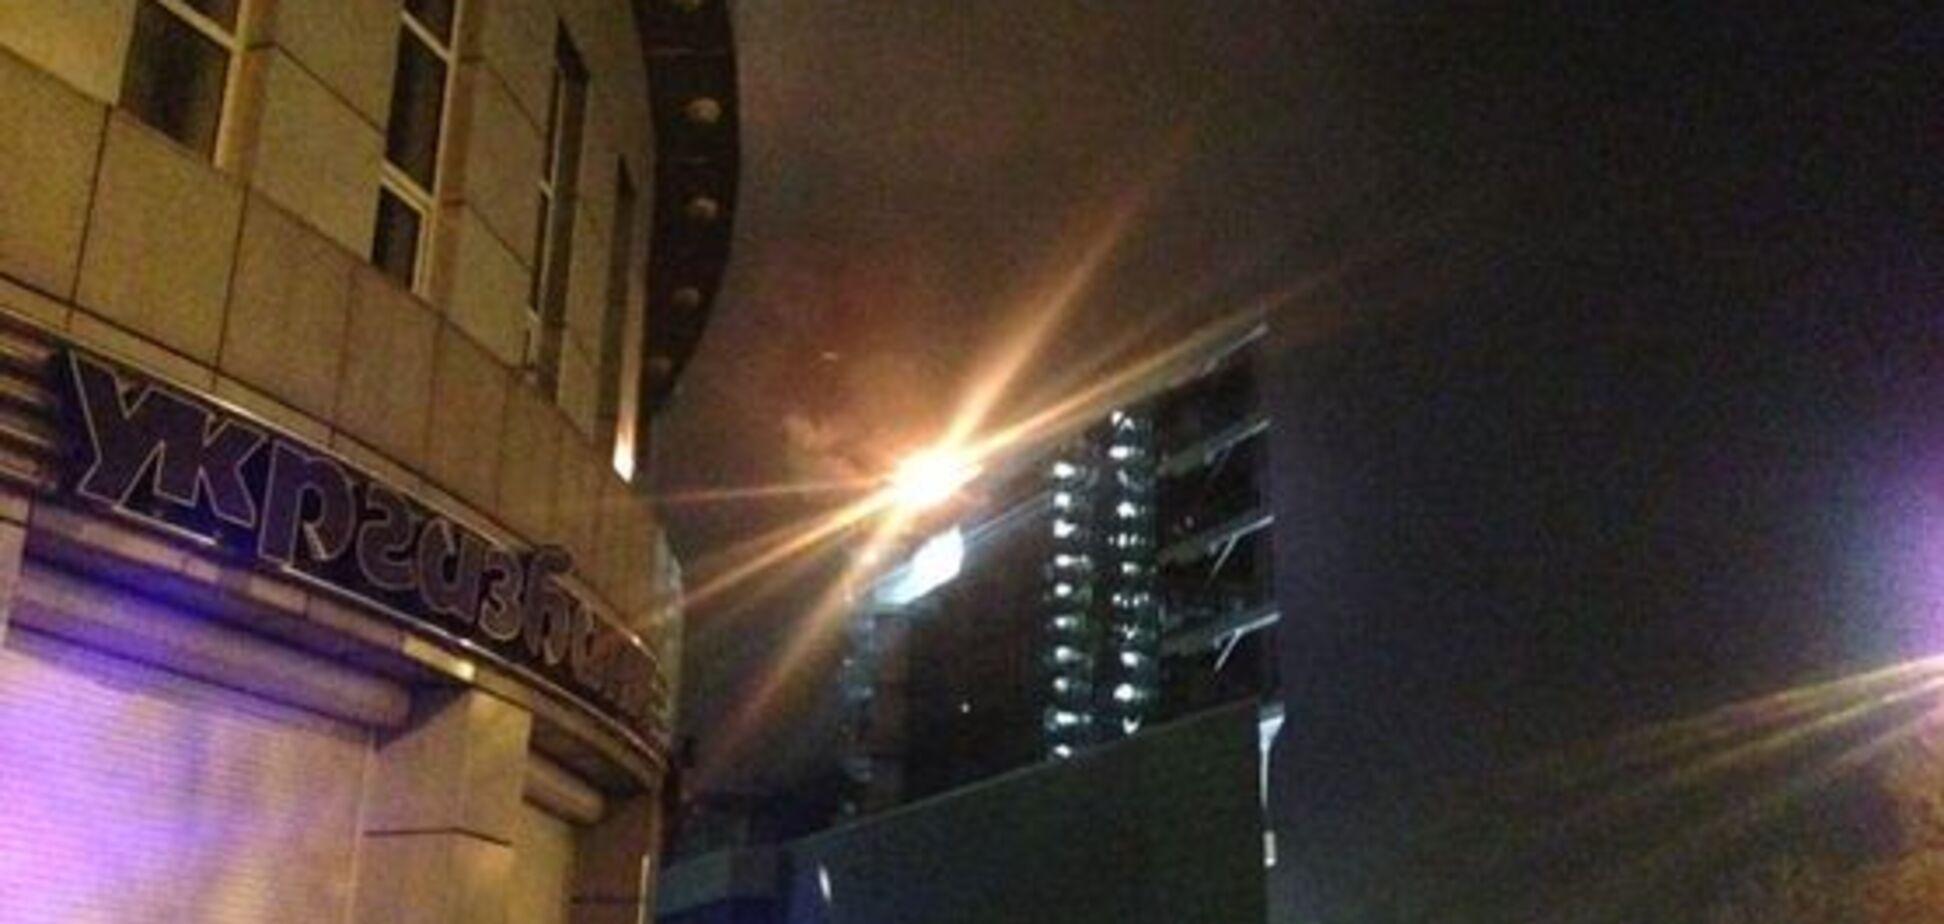 Потужна пожежа охопила популярний торговий центр в Києві: опубліковані фото і відео